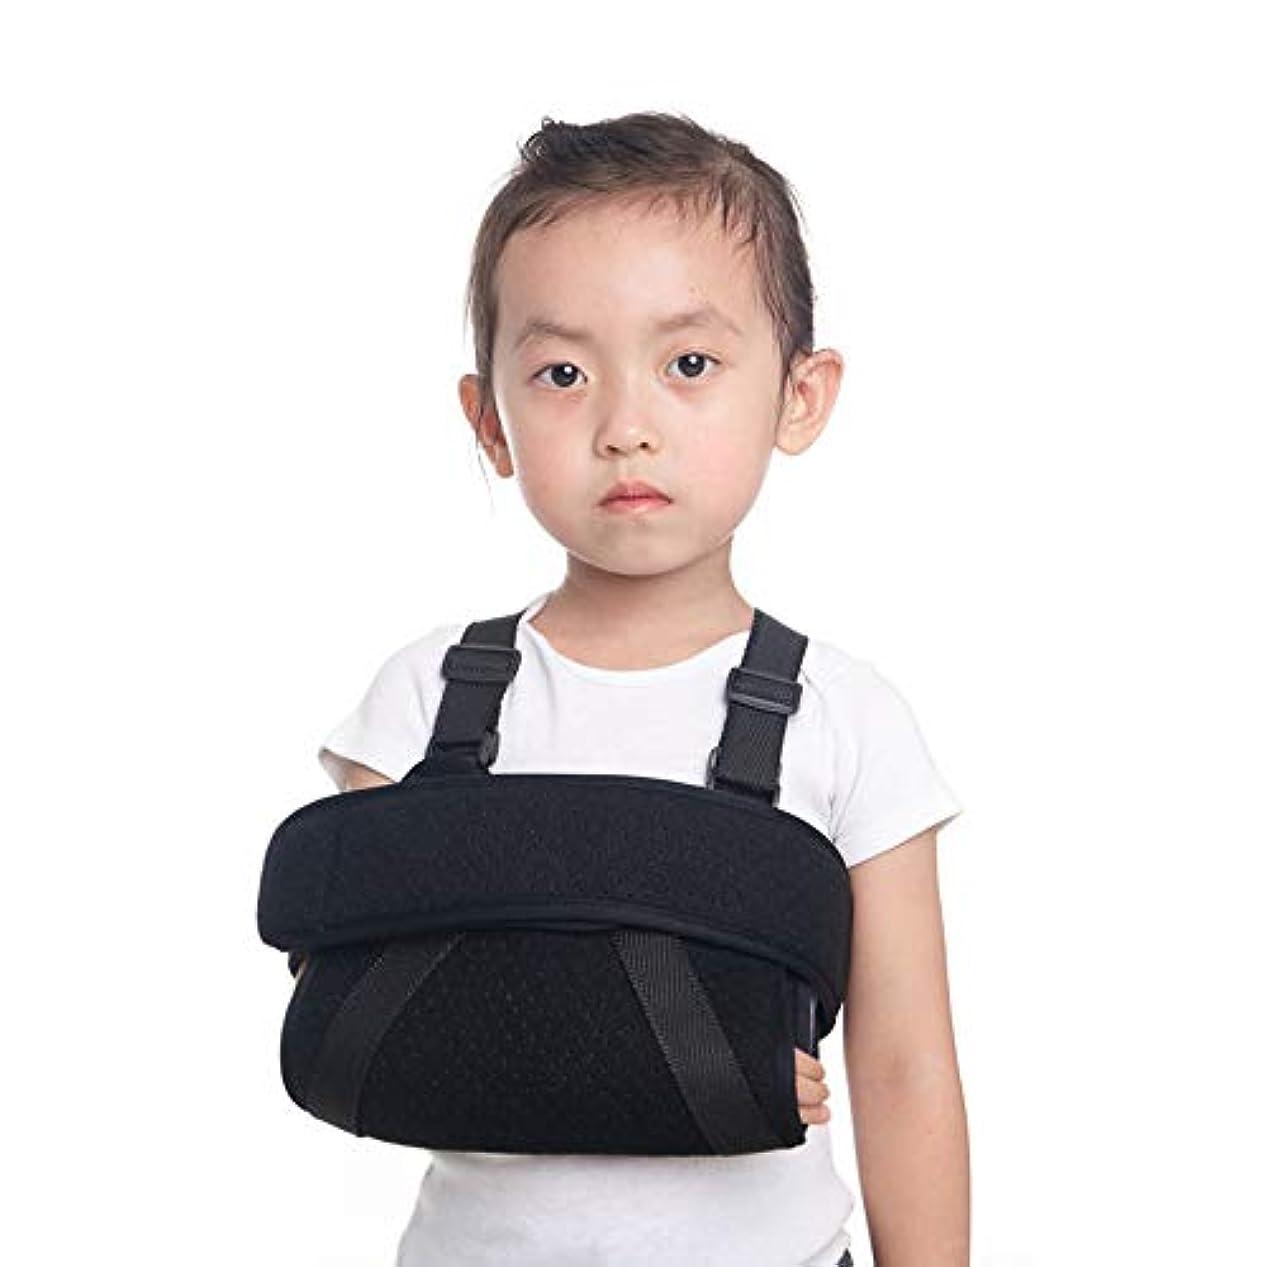 インストラクターほうきセラーキッズフラクチャリングスリング、アームエルボーフラクチャ固定ブレース、6-10歳の子供の 手首脱臼保護サポート